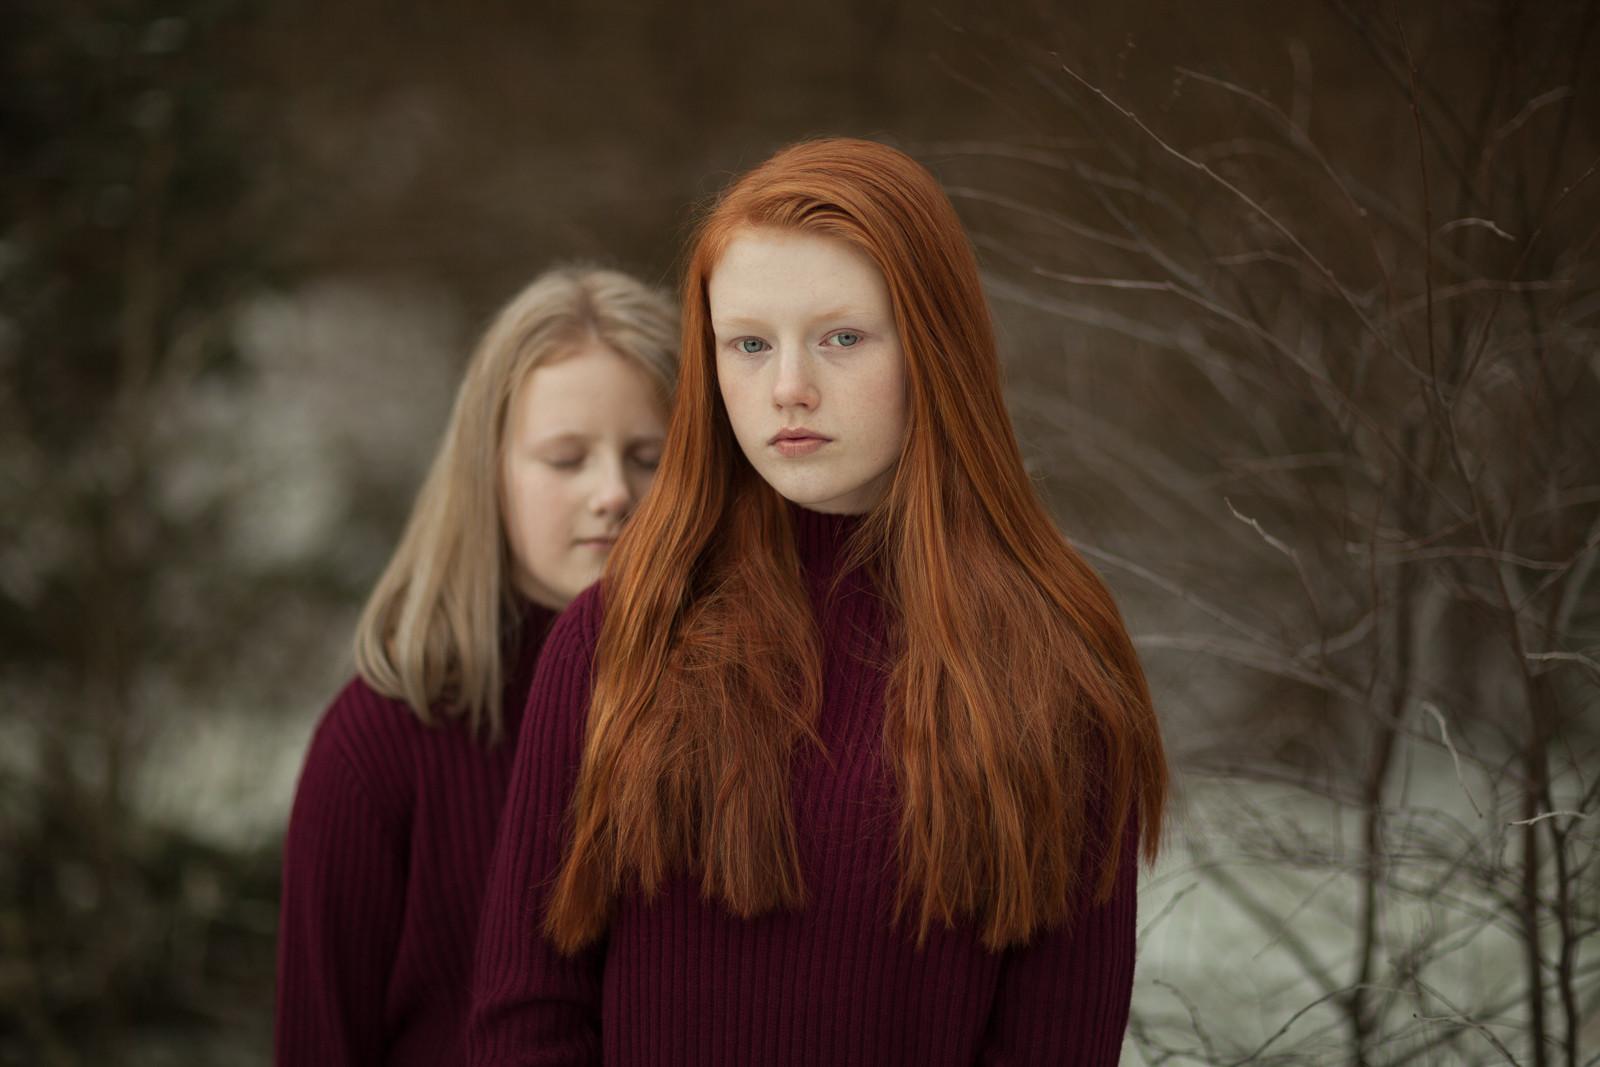 Жжм фильм о художнике и рыжей девушки студентов снятое